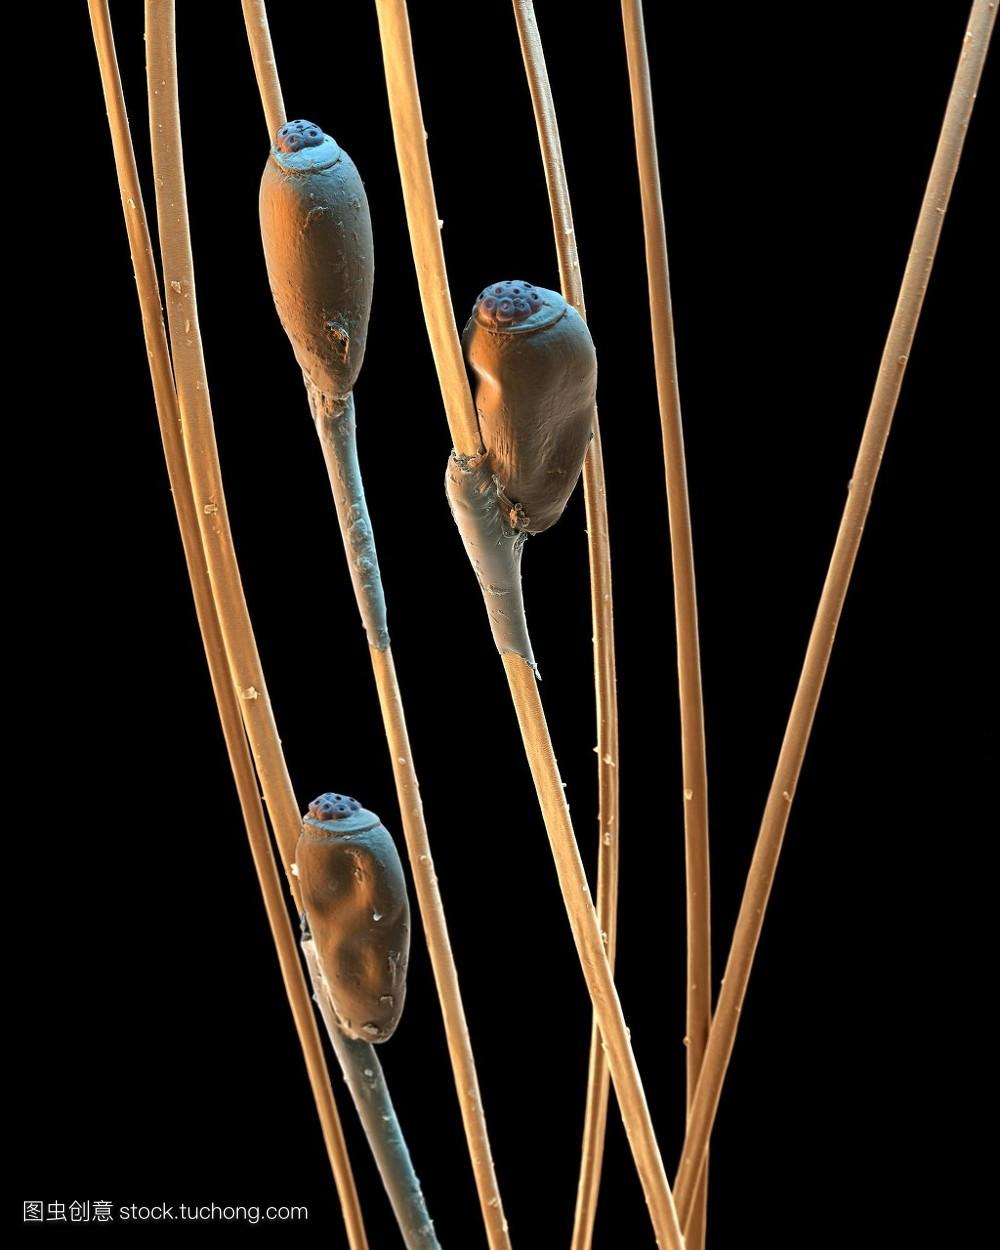 自然,野生动植物,植物学,头发,生物学,无脊椎动物,显微成像,虱子,伪色图片